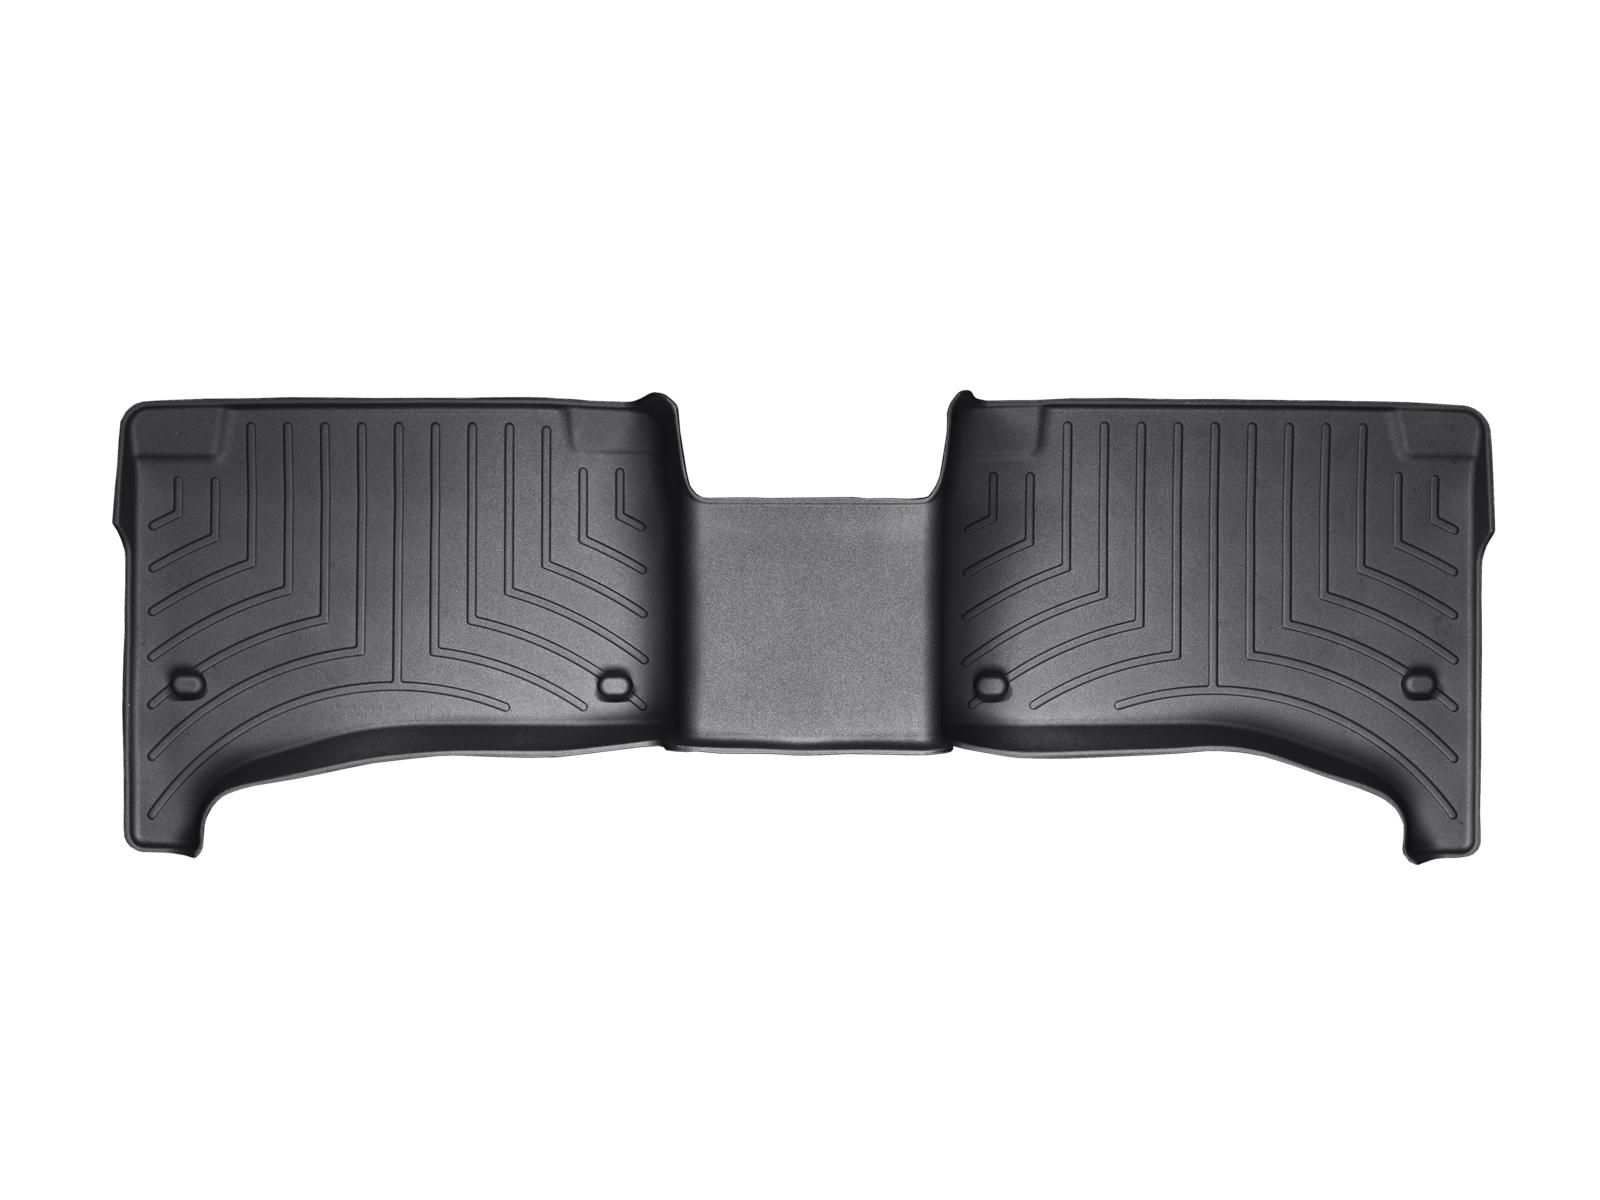 Tappeti gomma su misura bordo alto Volkswagen Touareg 02>06 Nero A4285*